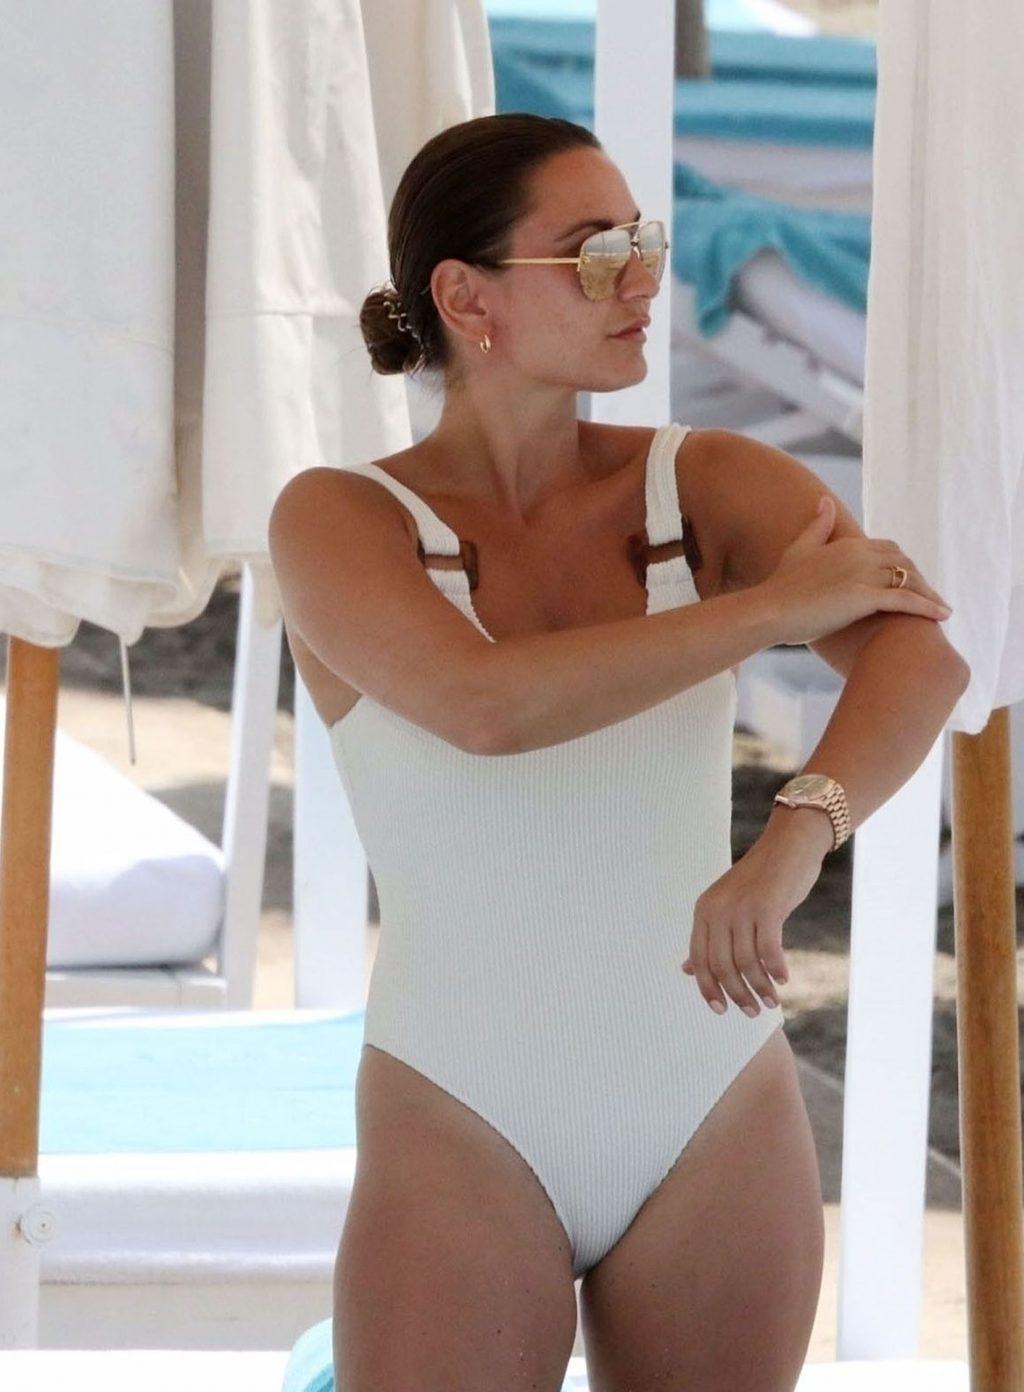 Sexy Sam Faiers Enjoys a Day on the Beach with Her Family (102 Photos)